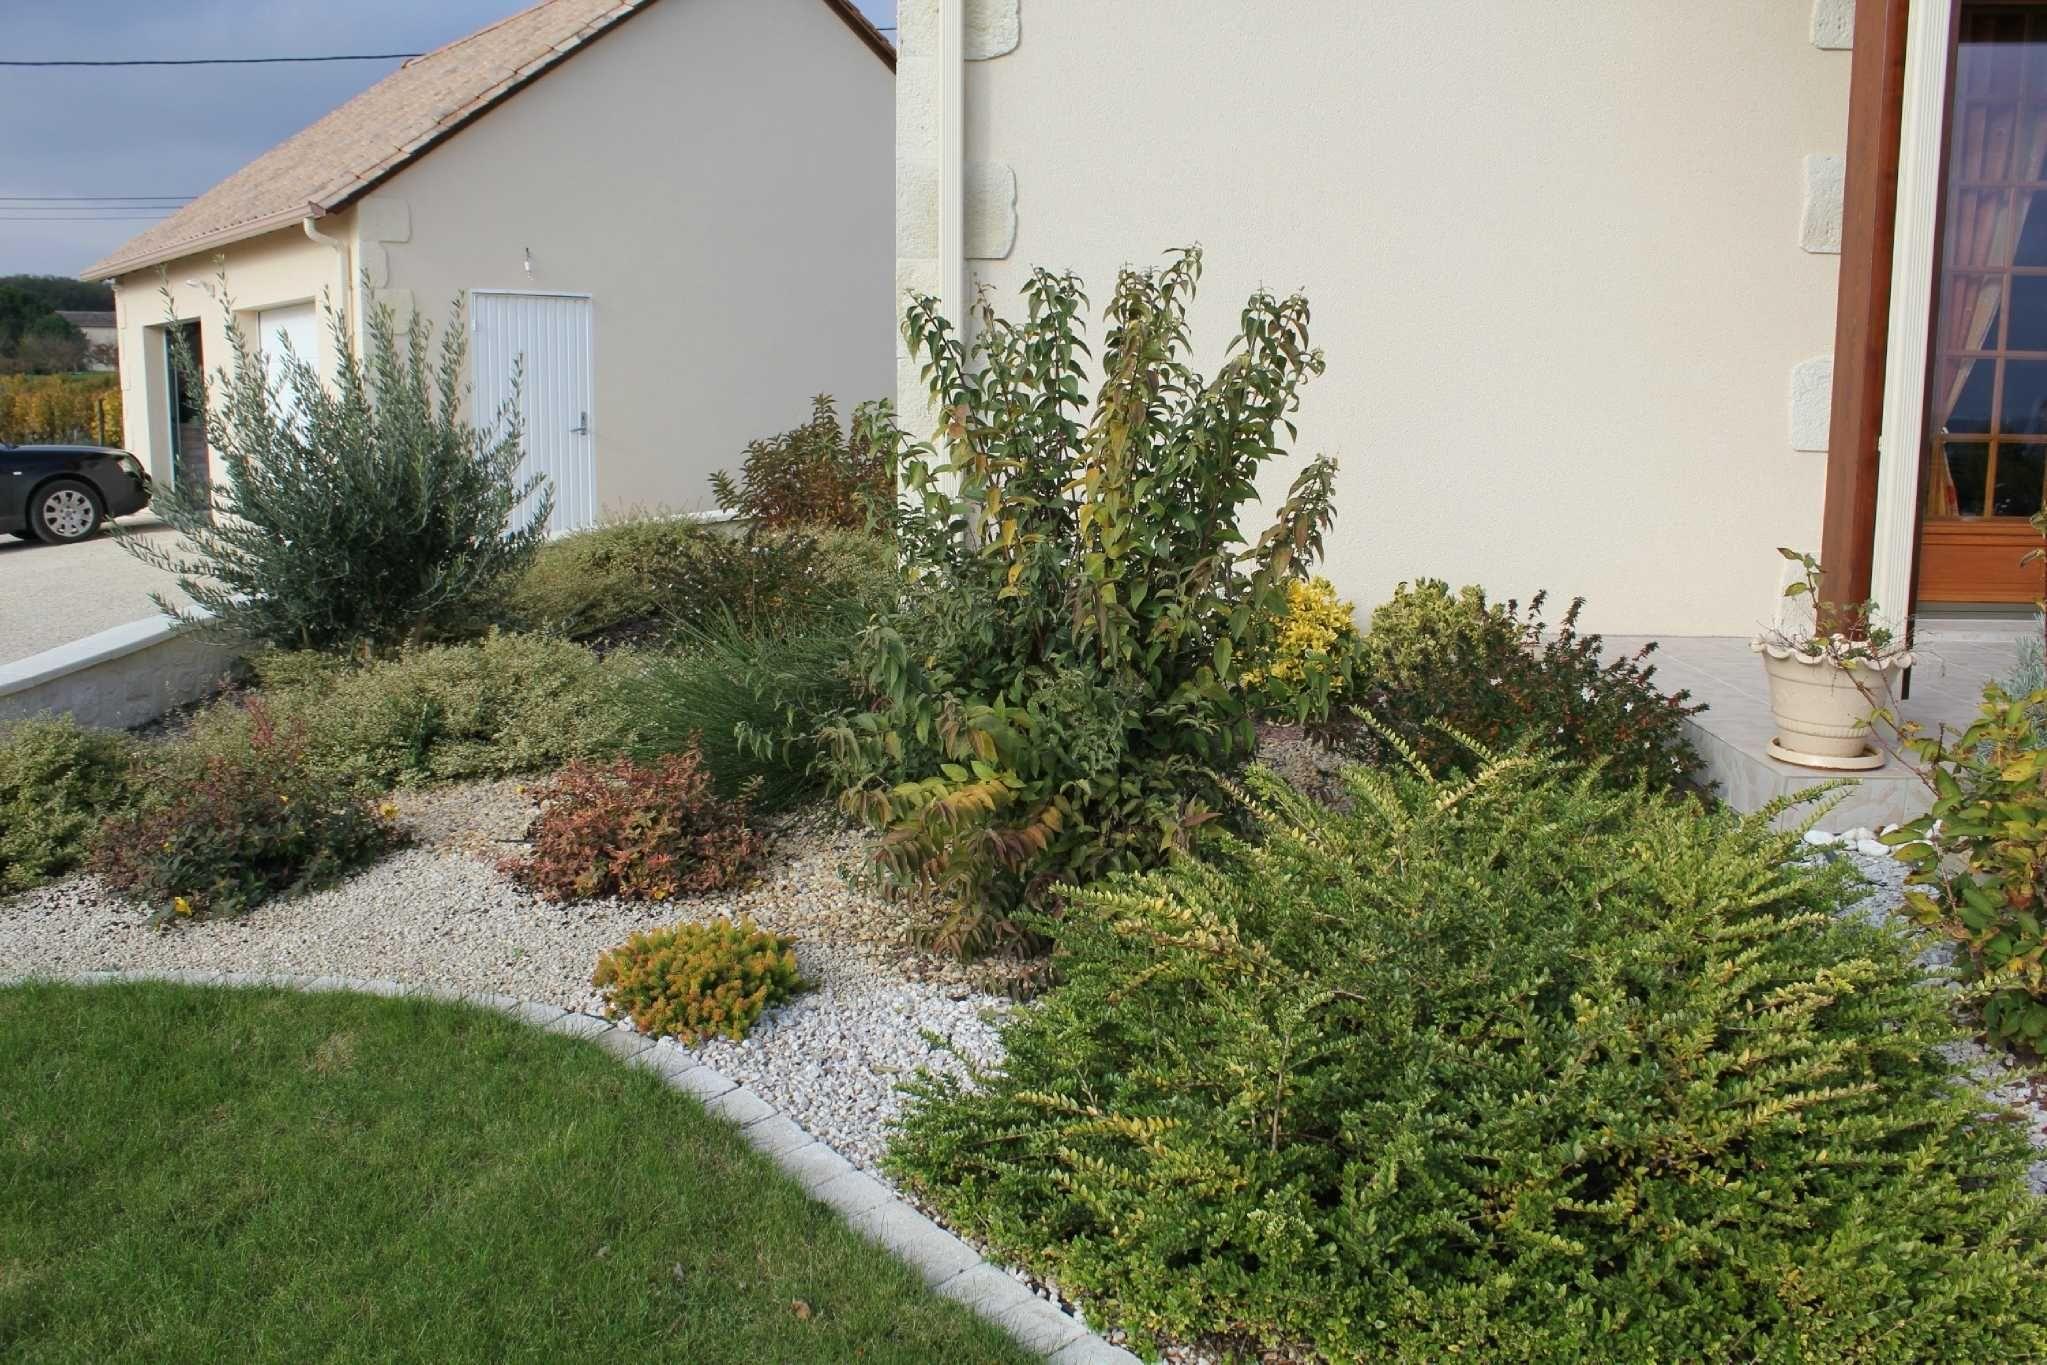 Amnagement Extrieur Devant Maison Amanagement Inspirations ... dedans Idee Amenagement Jardin Devant Maison